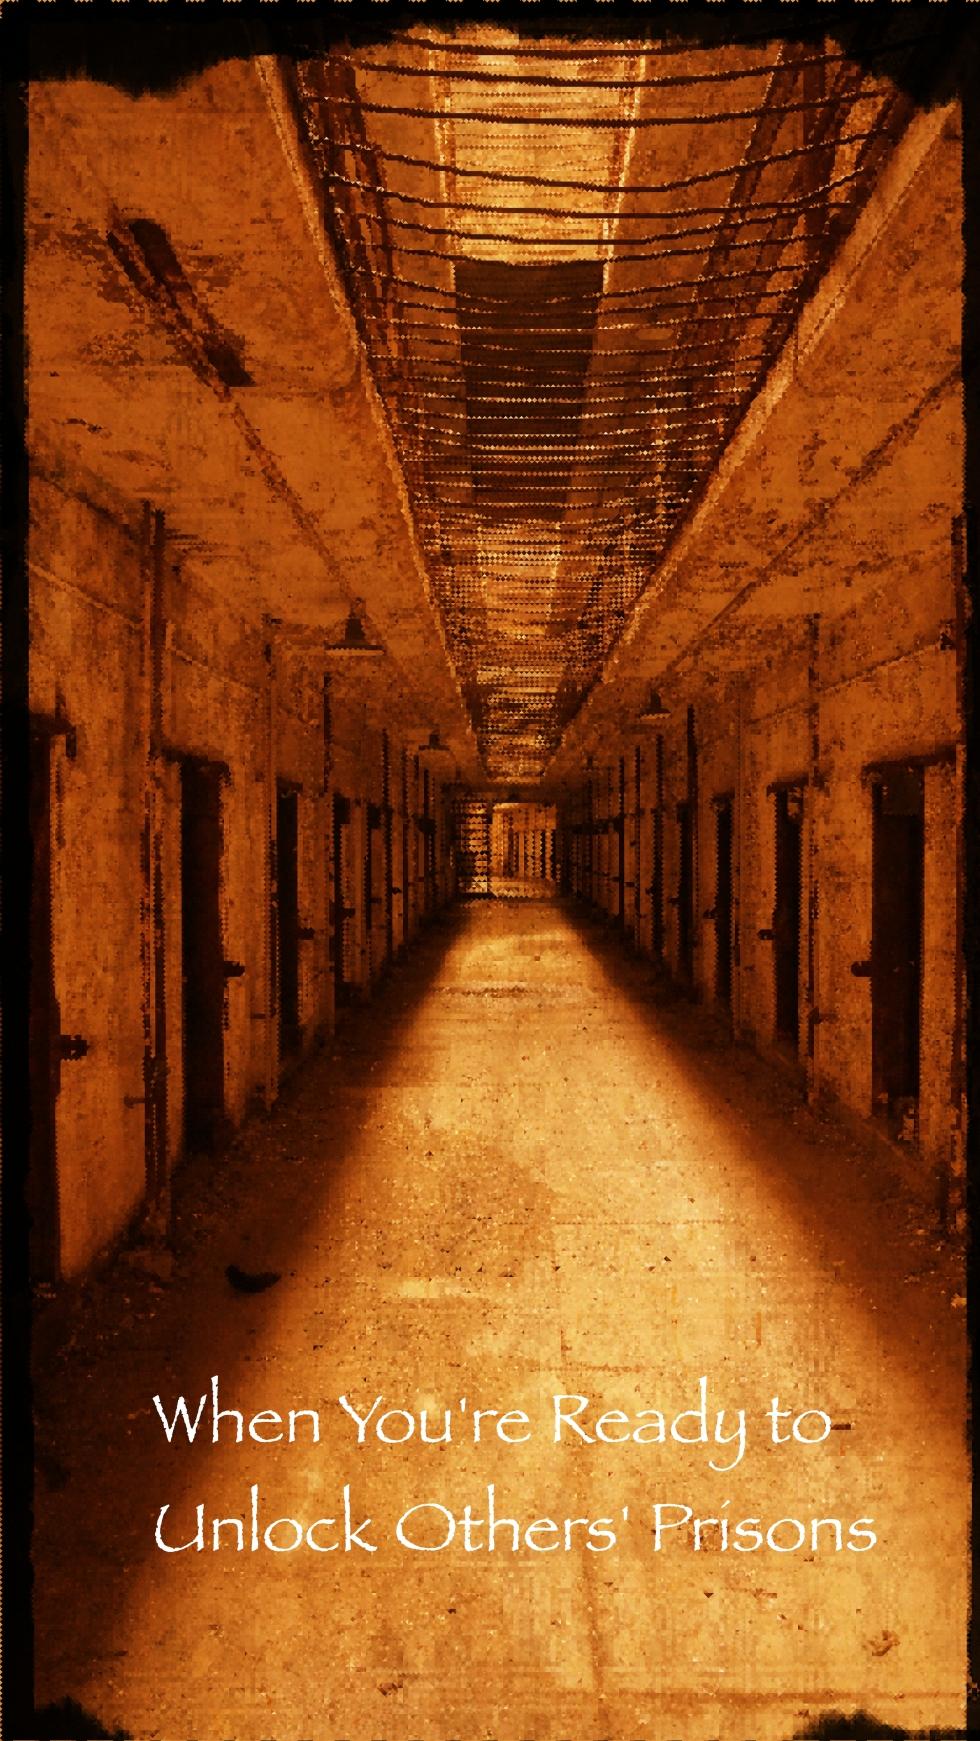 jail-451447